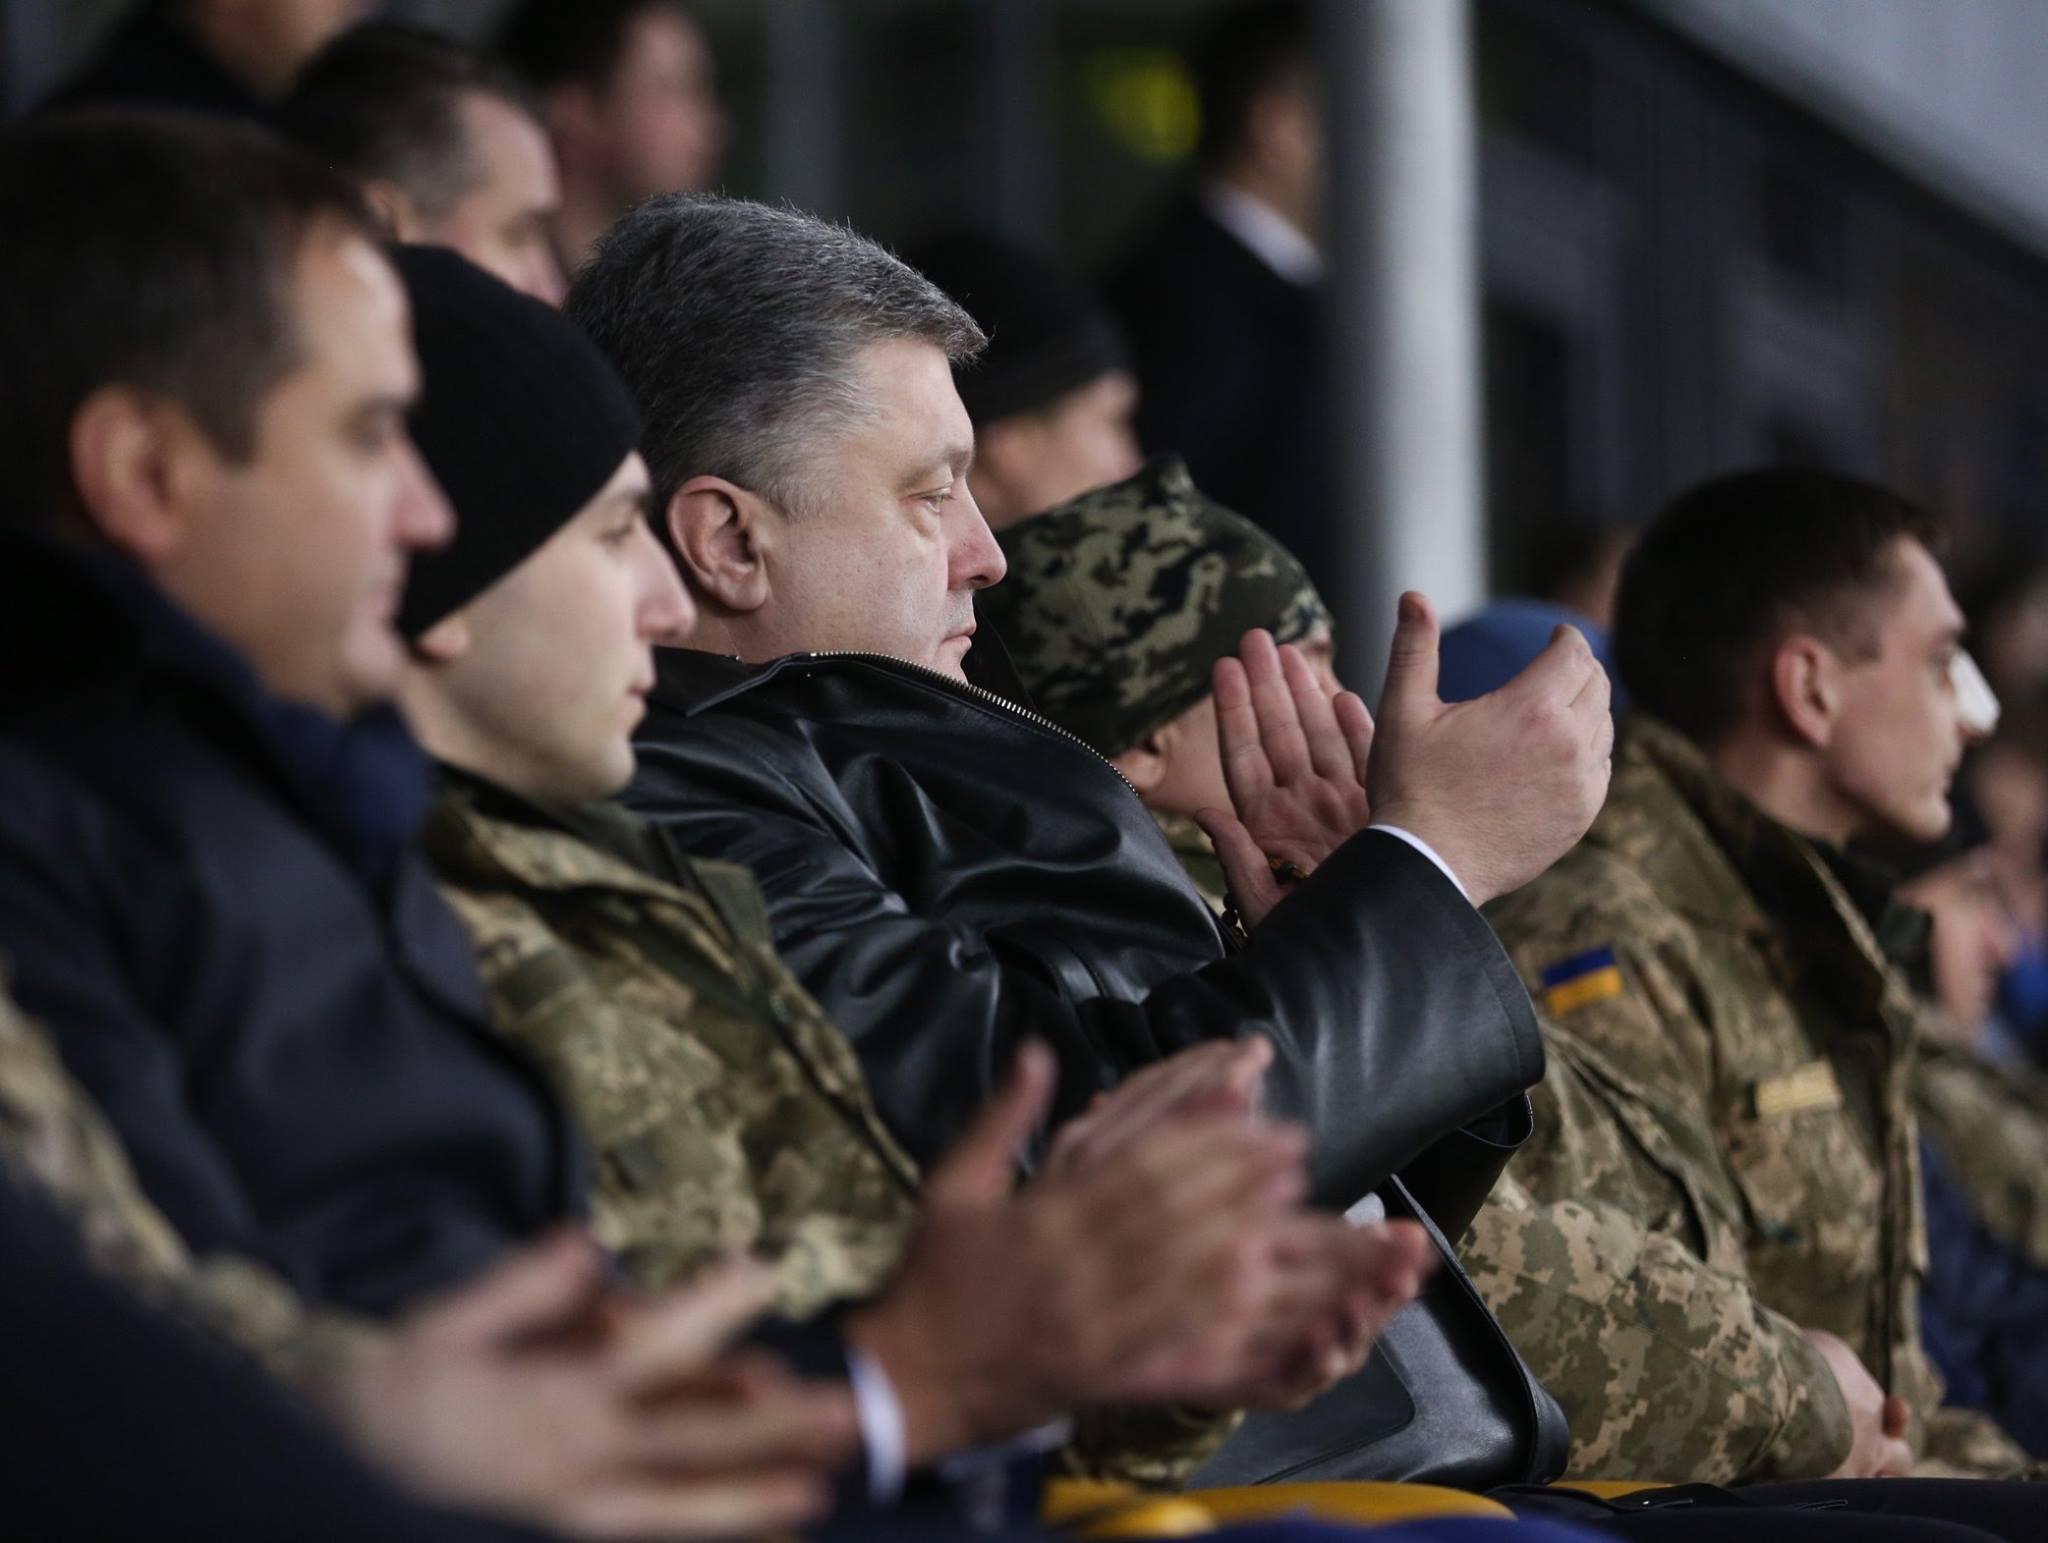 Матч 24 февраля собрал на стадионе украинских политиков, военных АТО и президента Порошенко